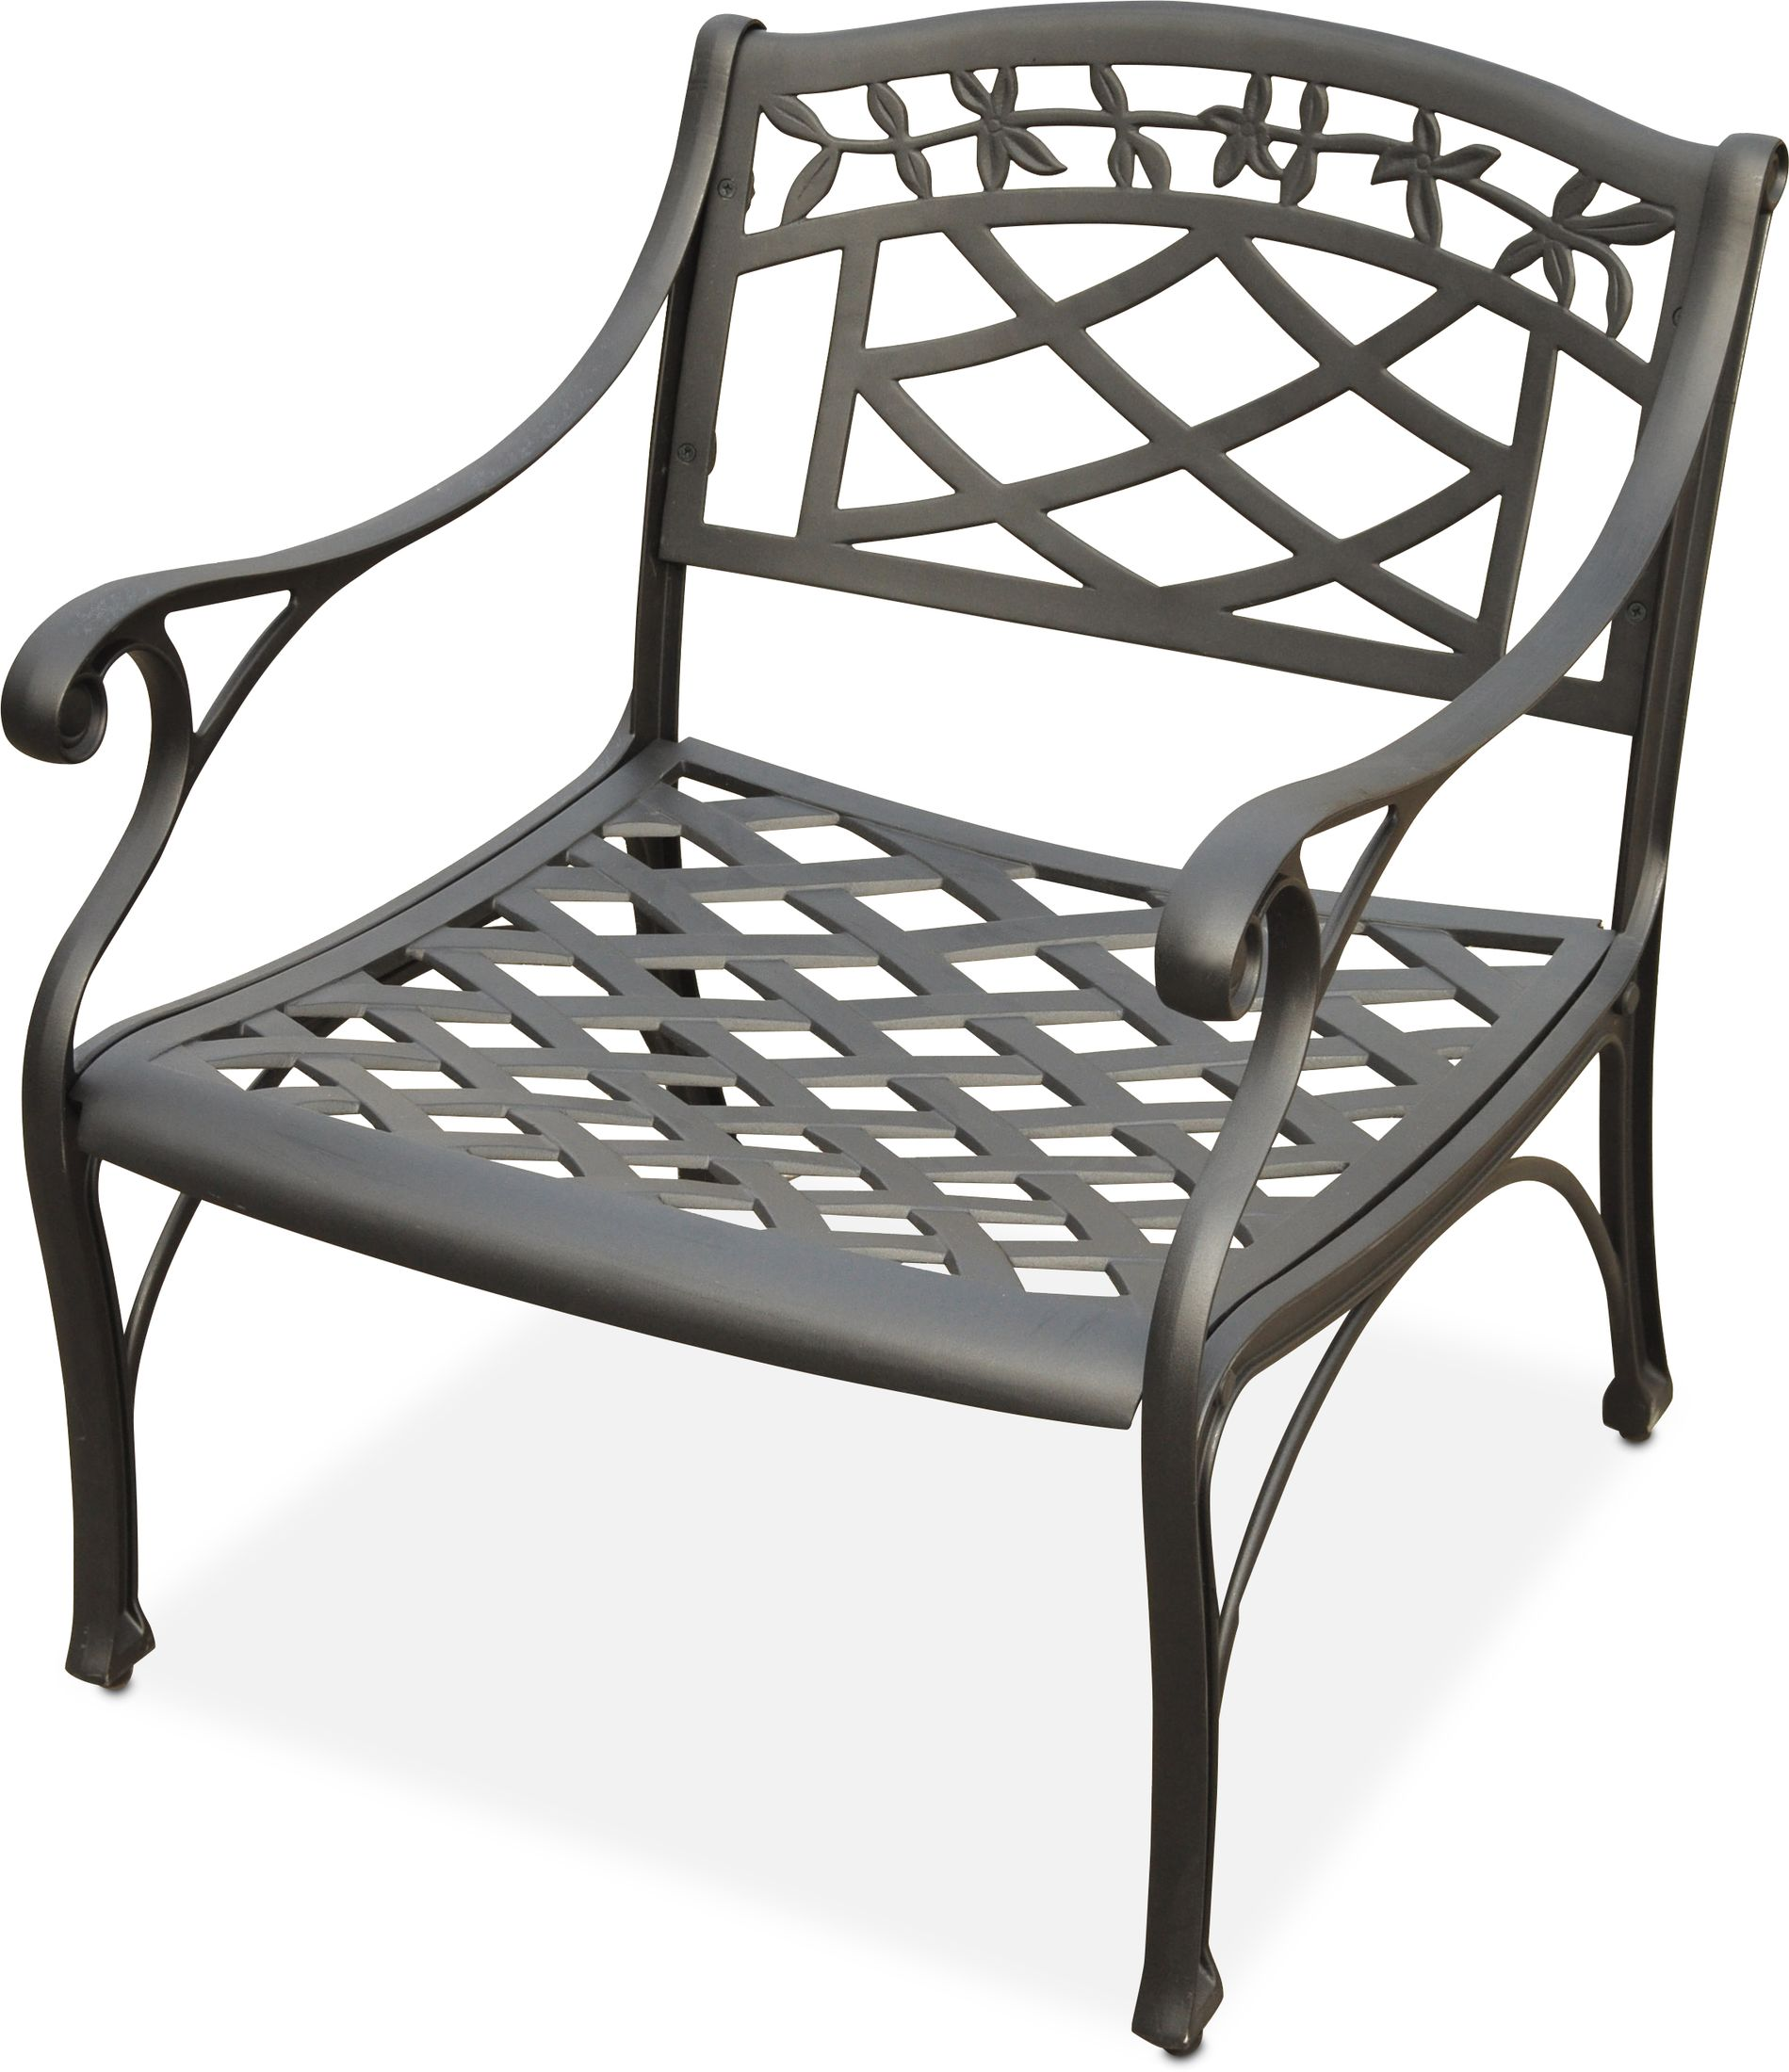 Outdoor Furniture - Hana Outdoor Chair